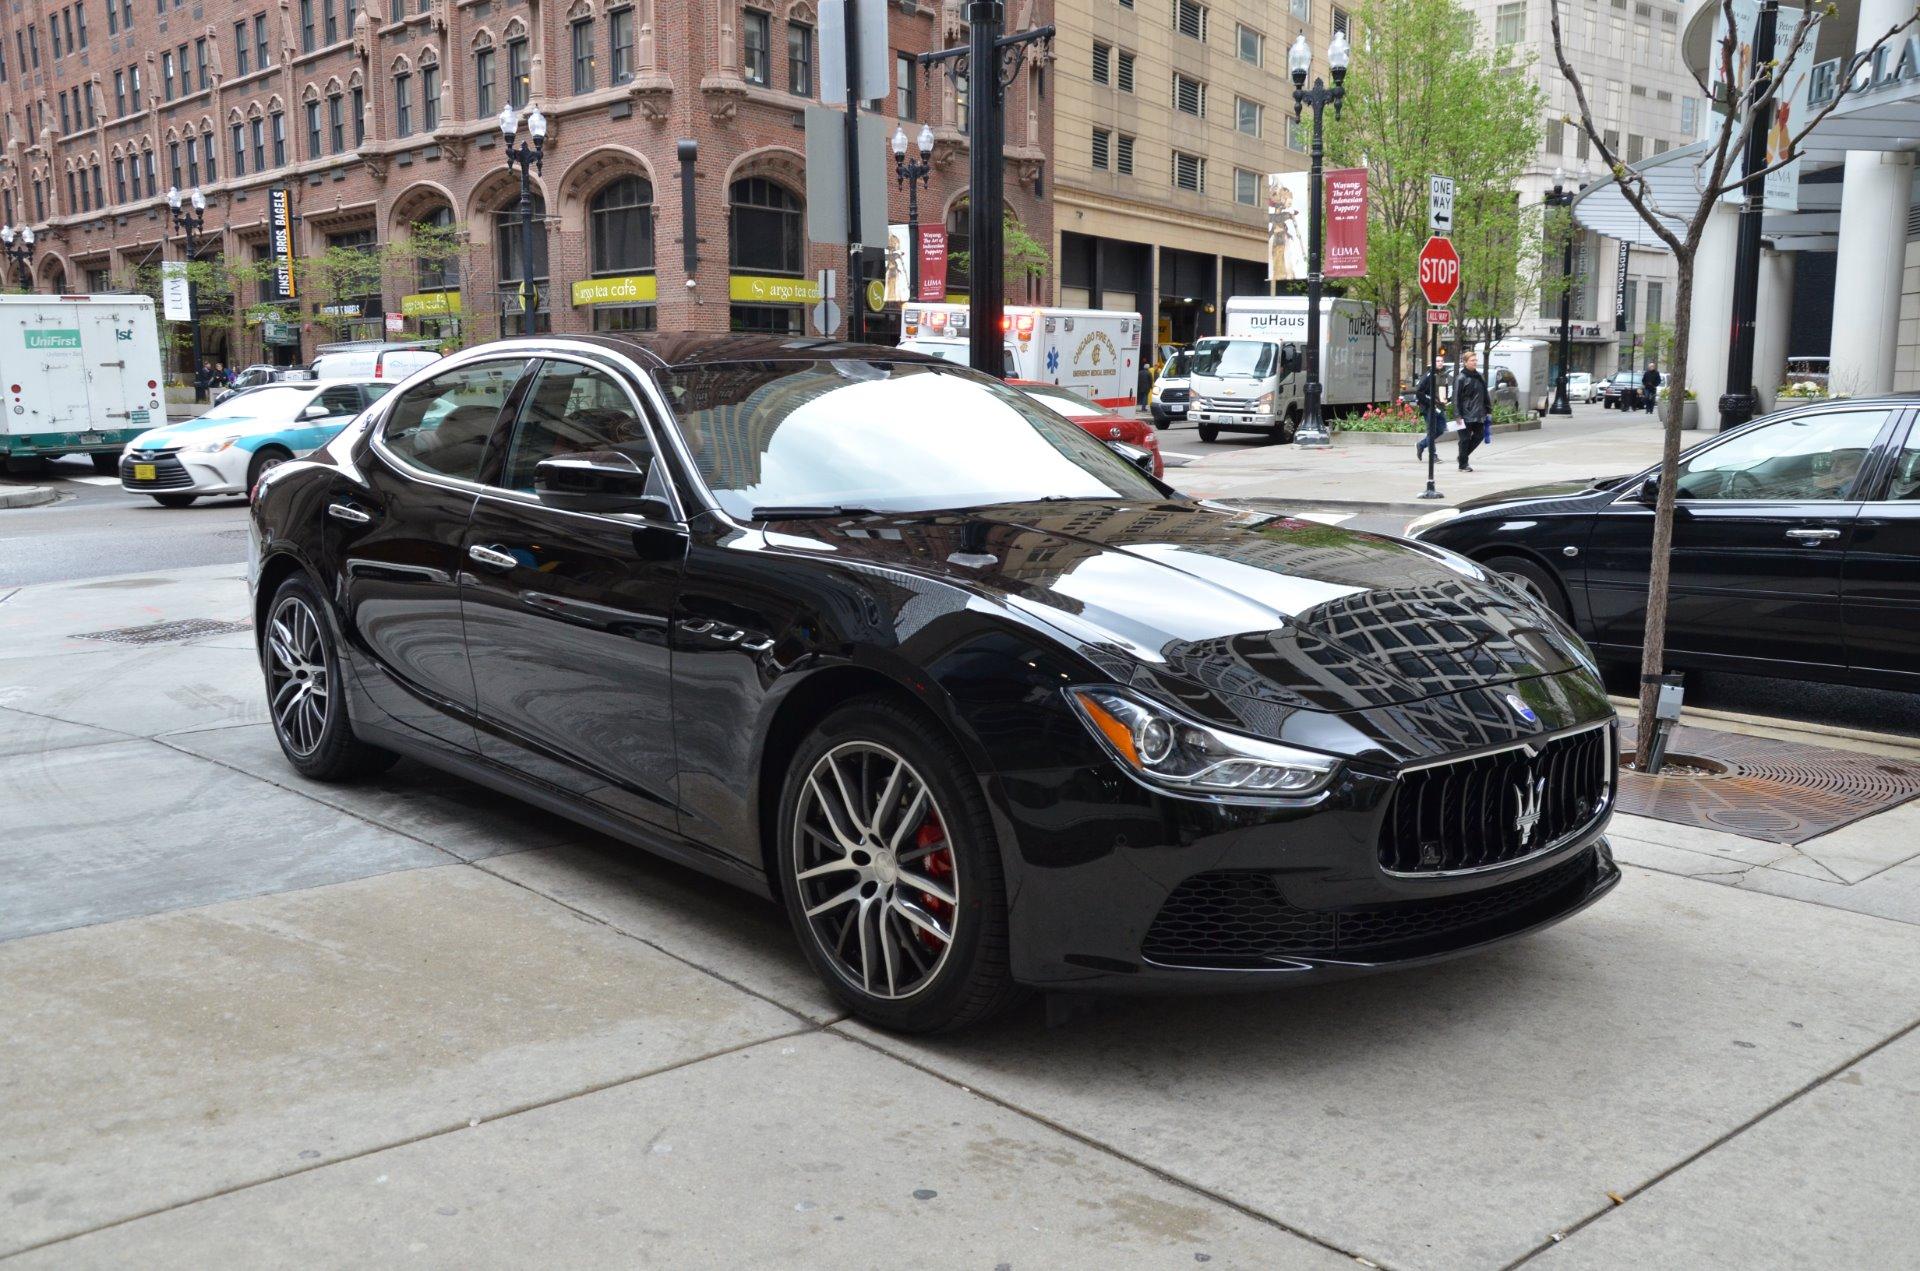 2017 Maserati Ghibli SQ4 S Q4 Stock M602 for sale near Chicago IL